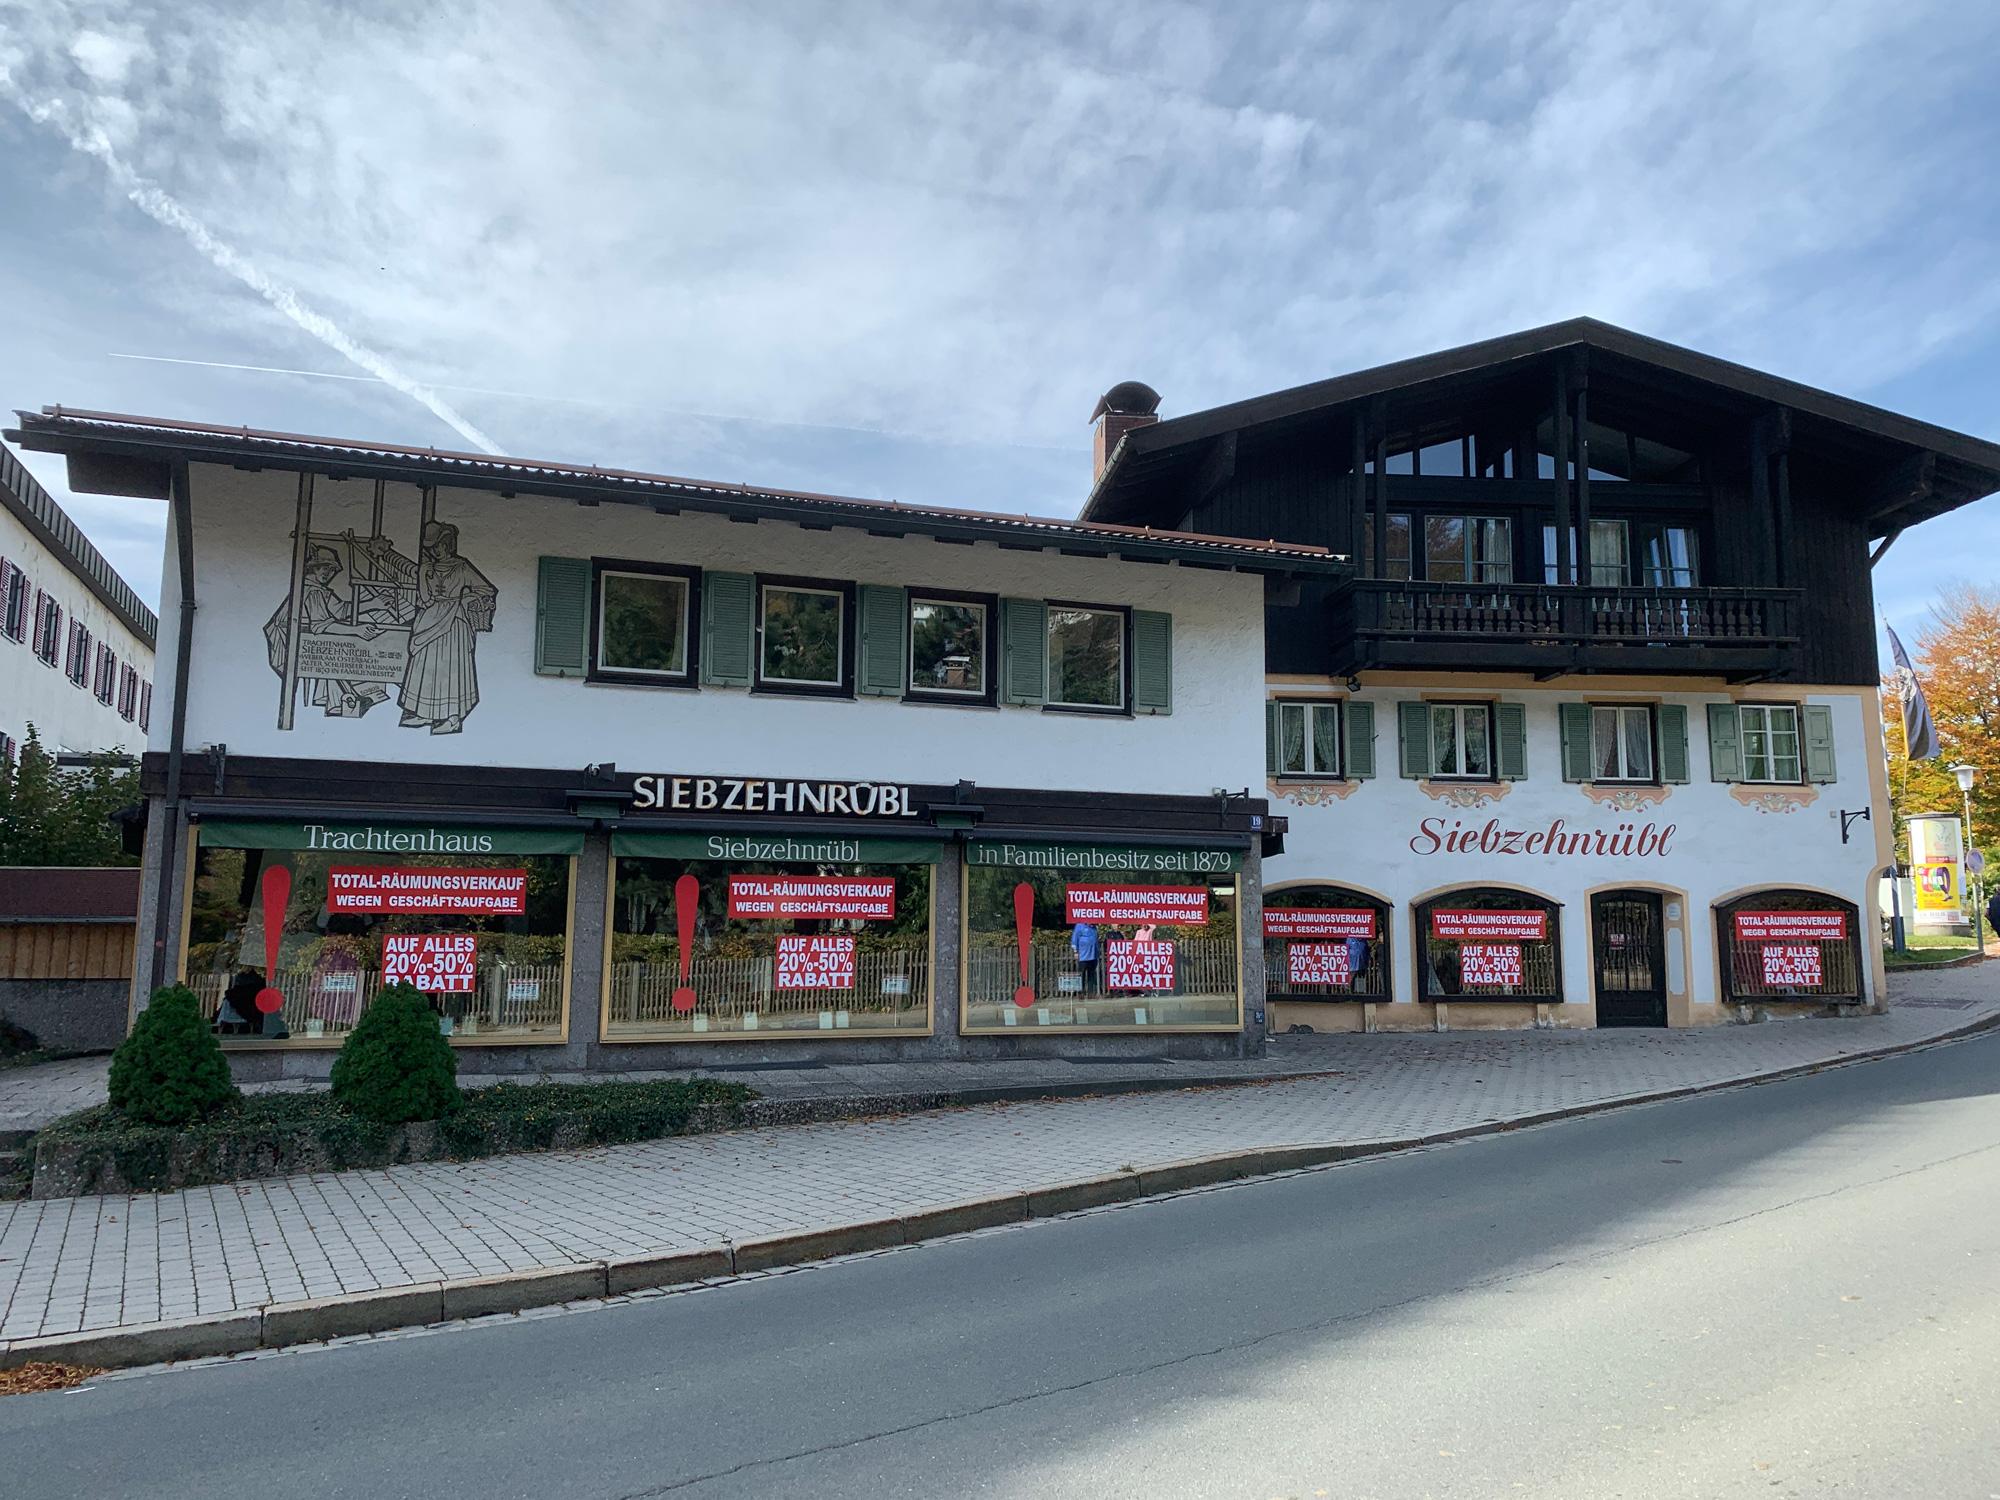 Leicht_und_co_ladeneinrichtung-gebraucht-de-Trachtenhaus-Siebzehnruebl-Titel